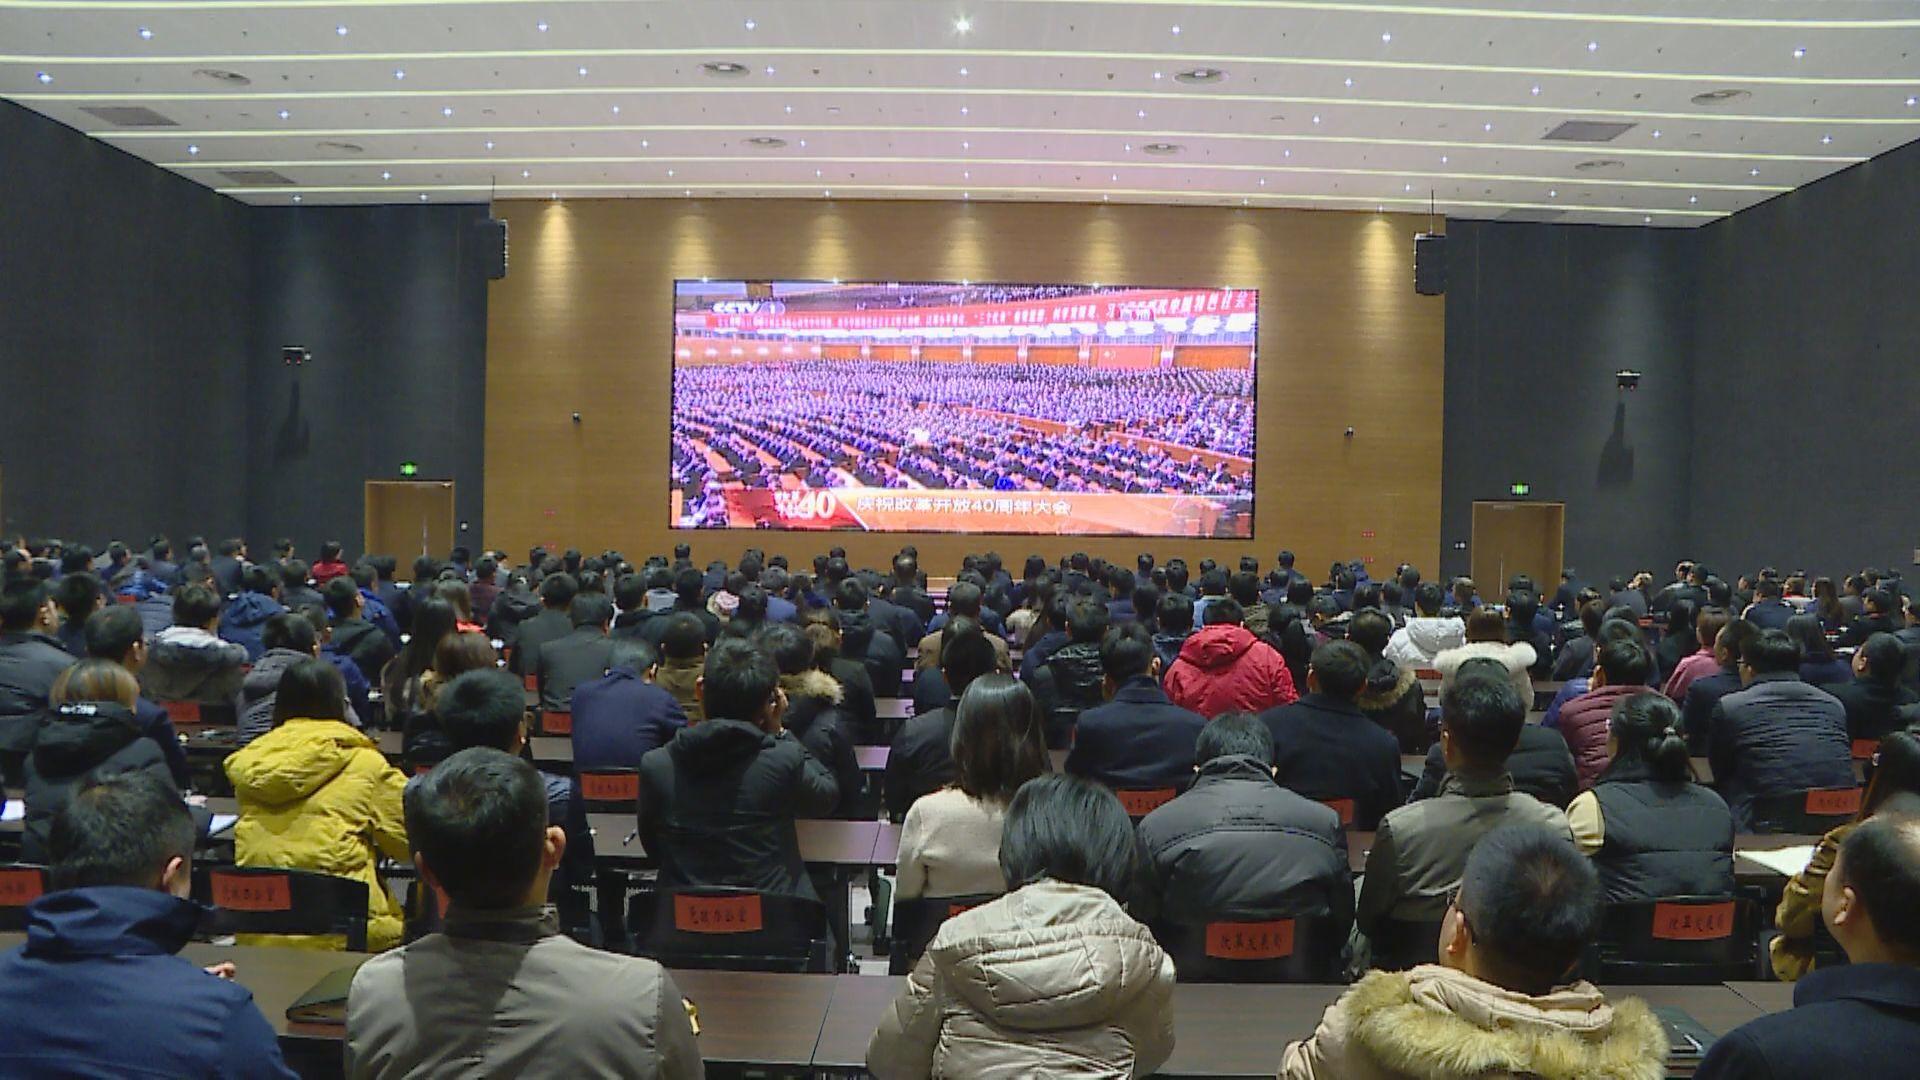 习近平总书记重要讲话在雄安新区引起热烈反响